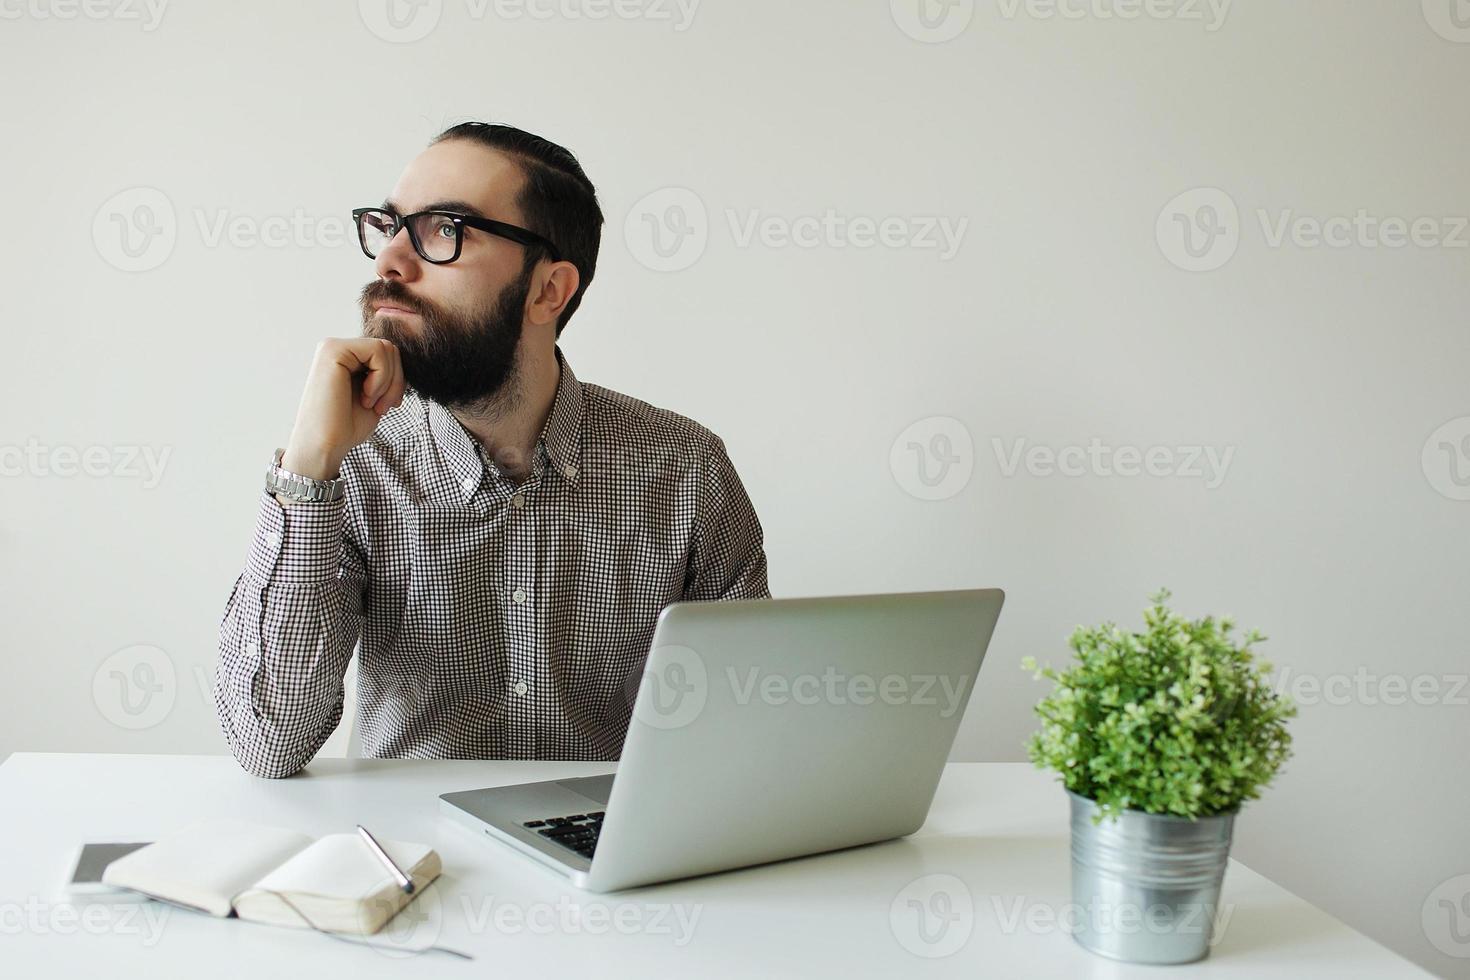 upptagen man med skägg i glasögon som tänker med laptop, smartphone foto